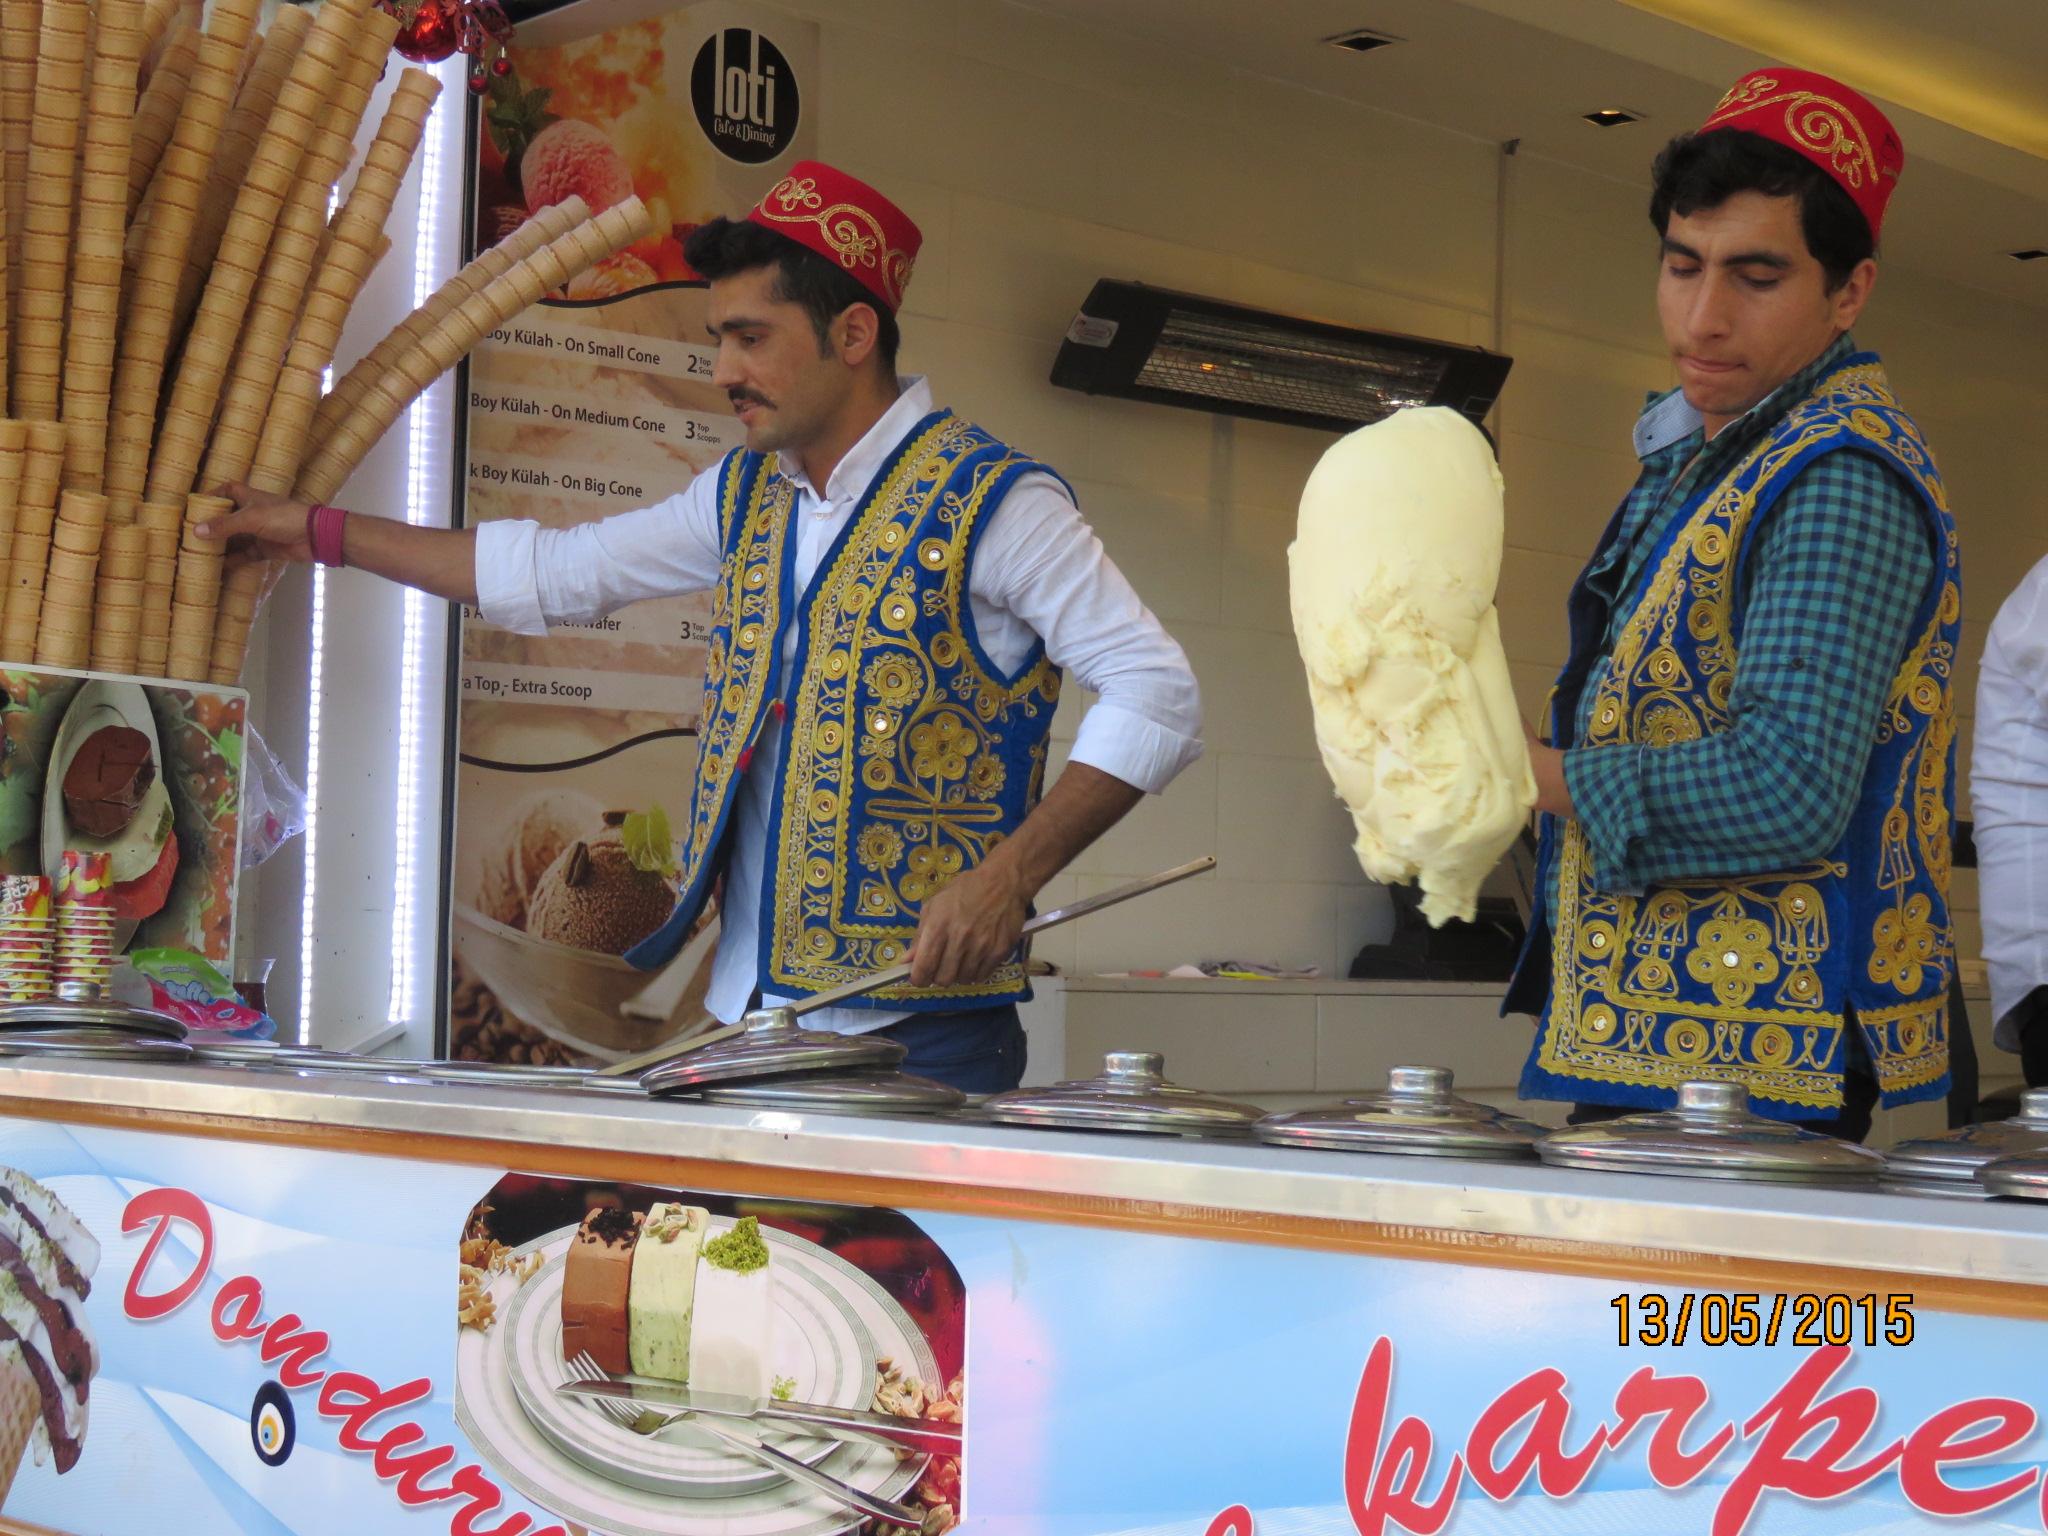 Dondurma maker